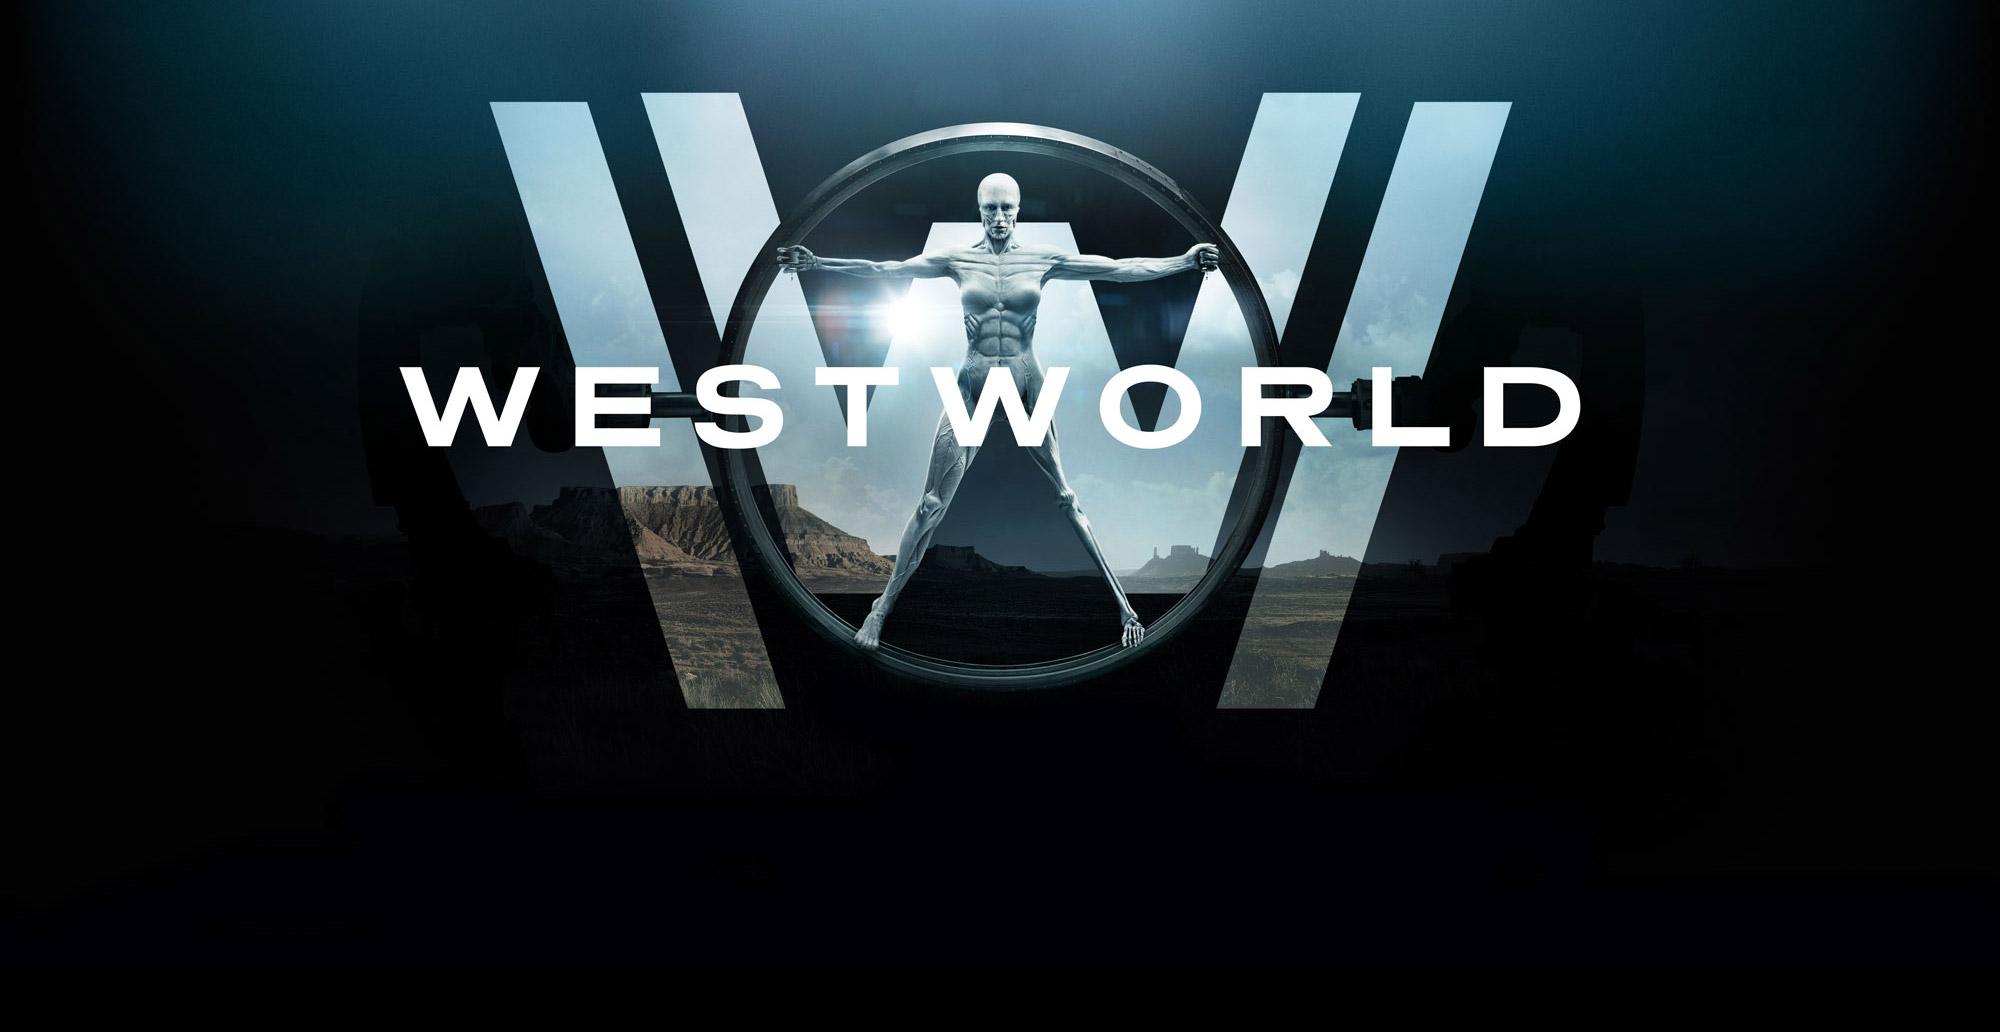 STOR SUKSESS: En av 70-tallets kultfilmer, Westworld, er i 2016 blitt en av de mest populære nye seriene. Foto: HBO